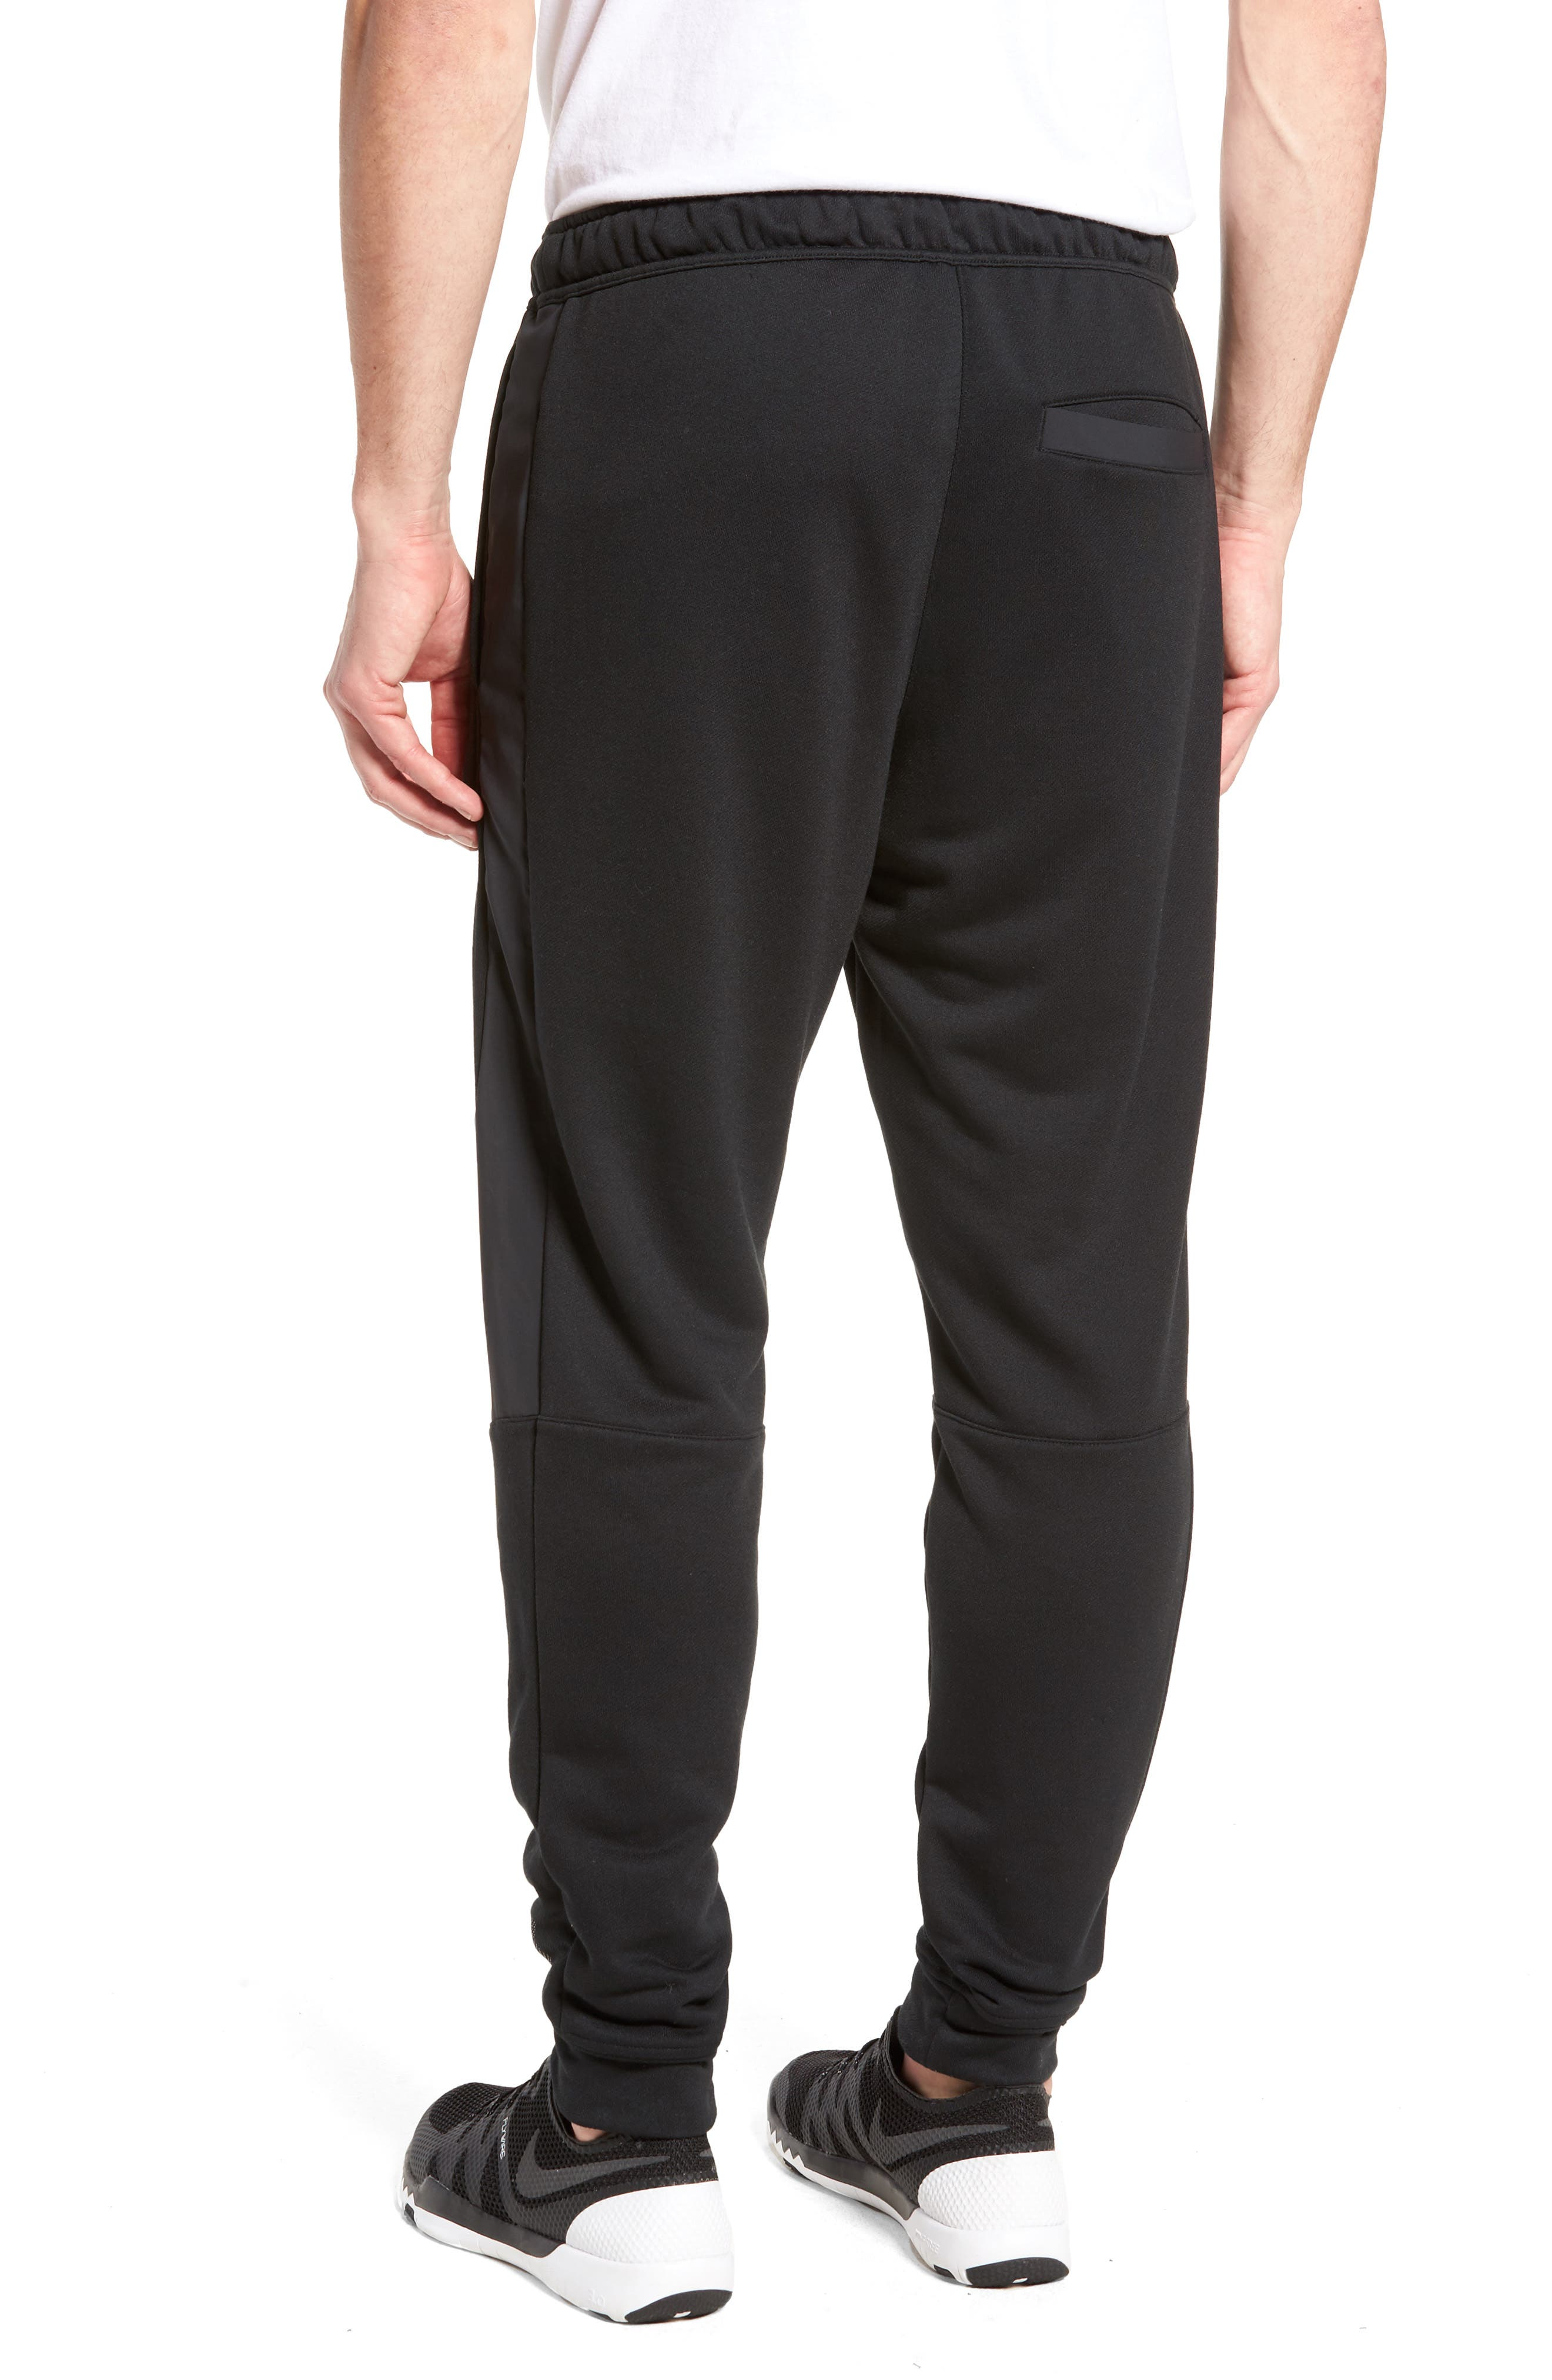 Training Project X Jogger Pants,                             Alternate thumbnail 2, color,                             Black/ Black/ White